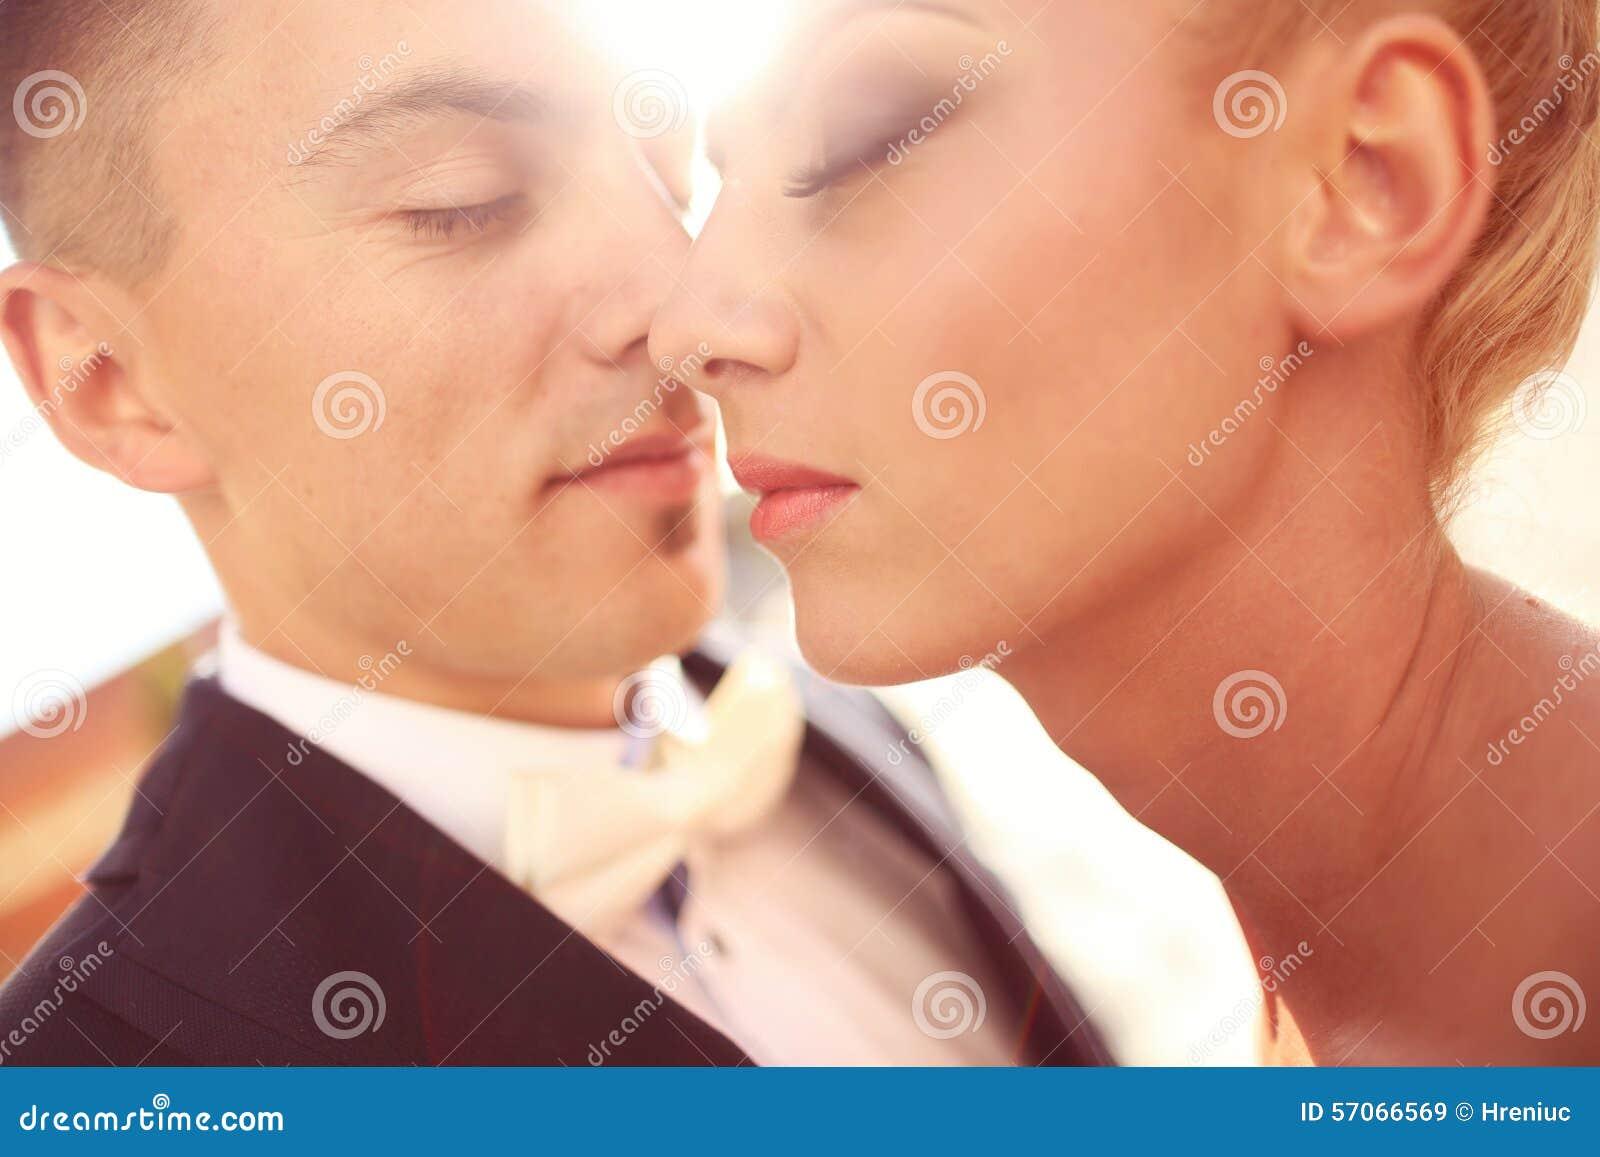 Sluit omhoog van een bruidegom en een bruid